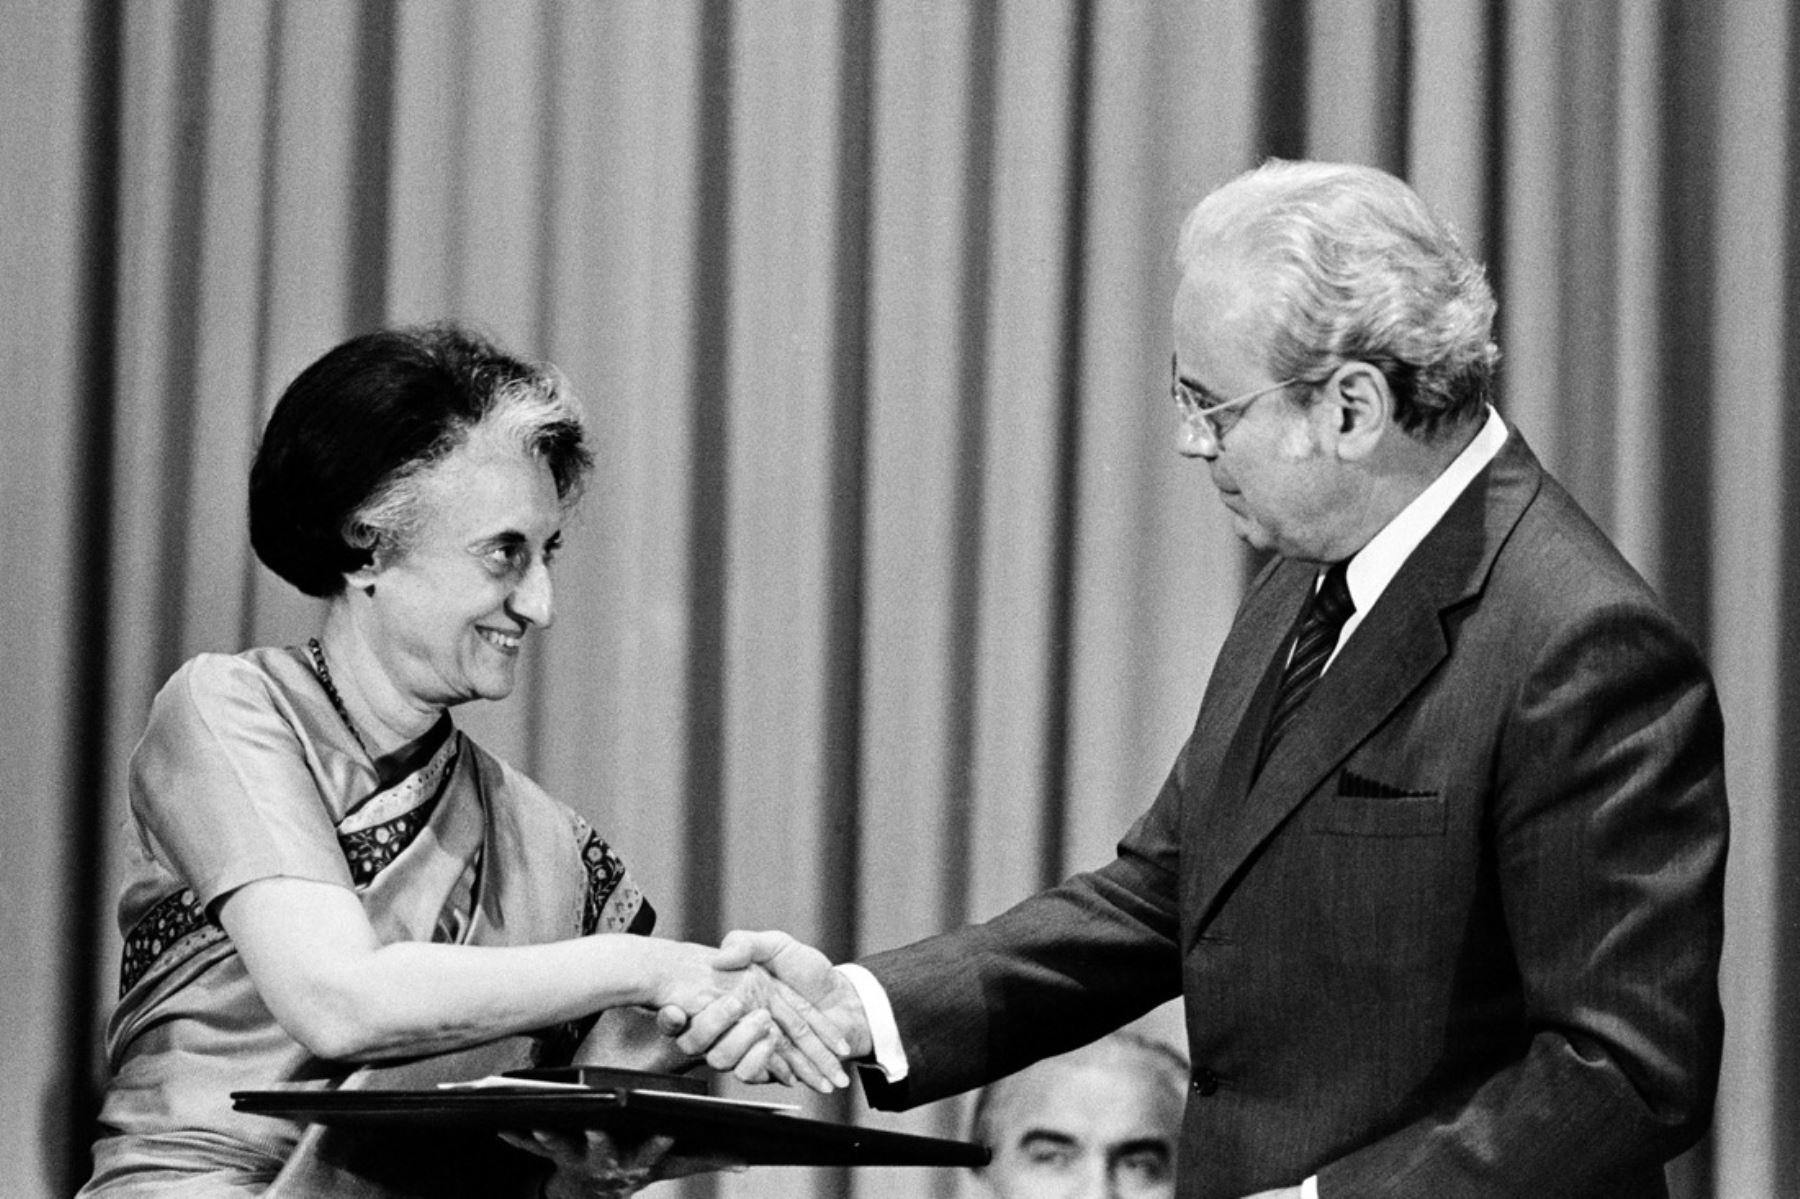 Naciones Unidas, Nueva York - 30 setiembre 1983 / El secretario general de la ONU, Javier Pérez de Cuéllar, entregó hoy el Premio de la ONU para la Población a la primera ministra de la India, Indira Gandhi. Foto: Naciones Unidas